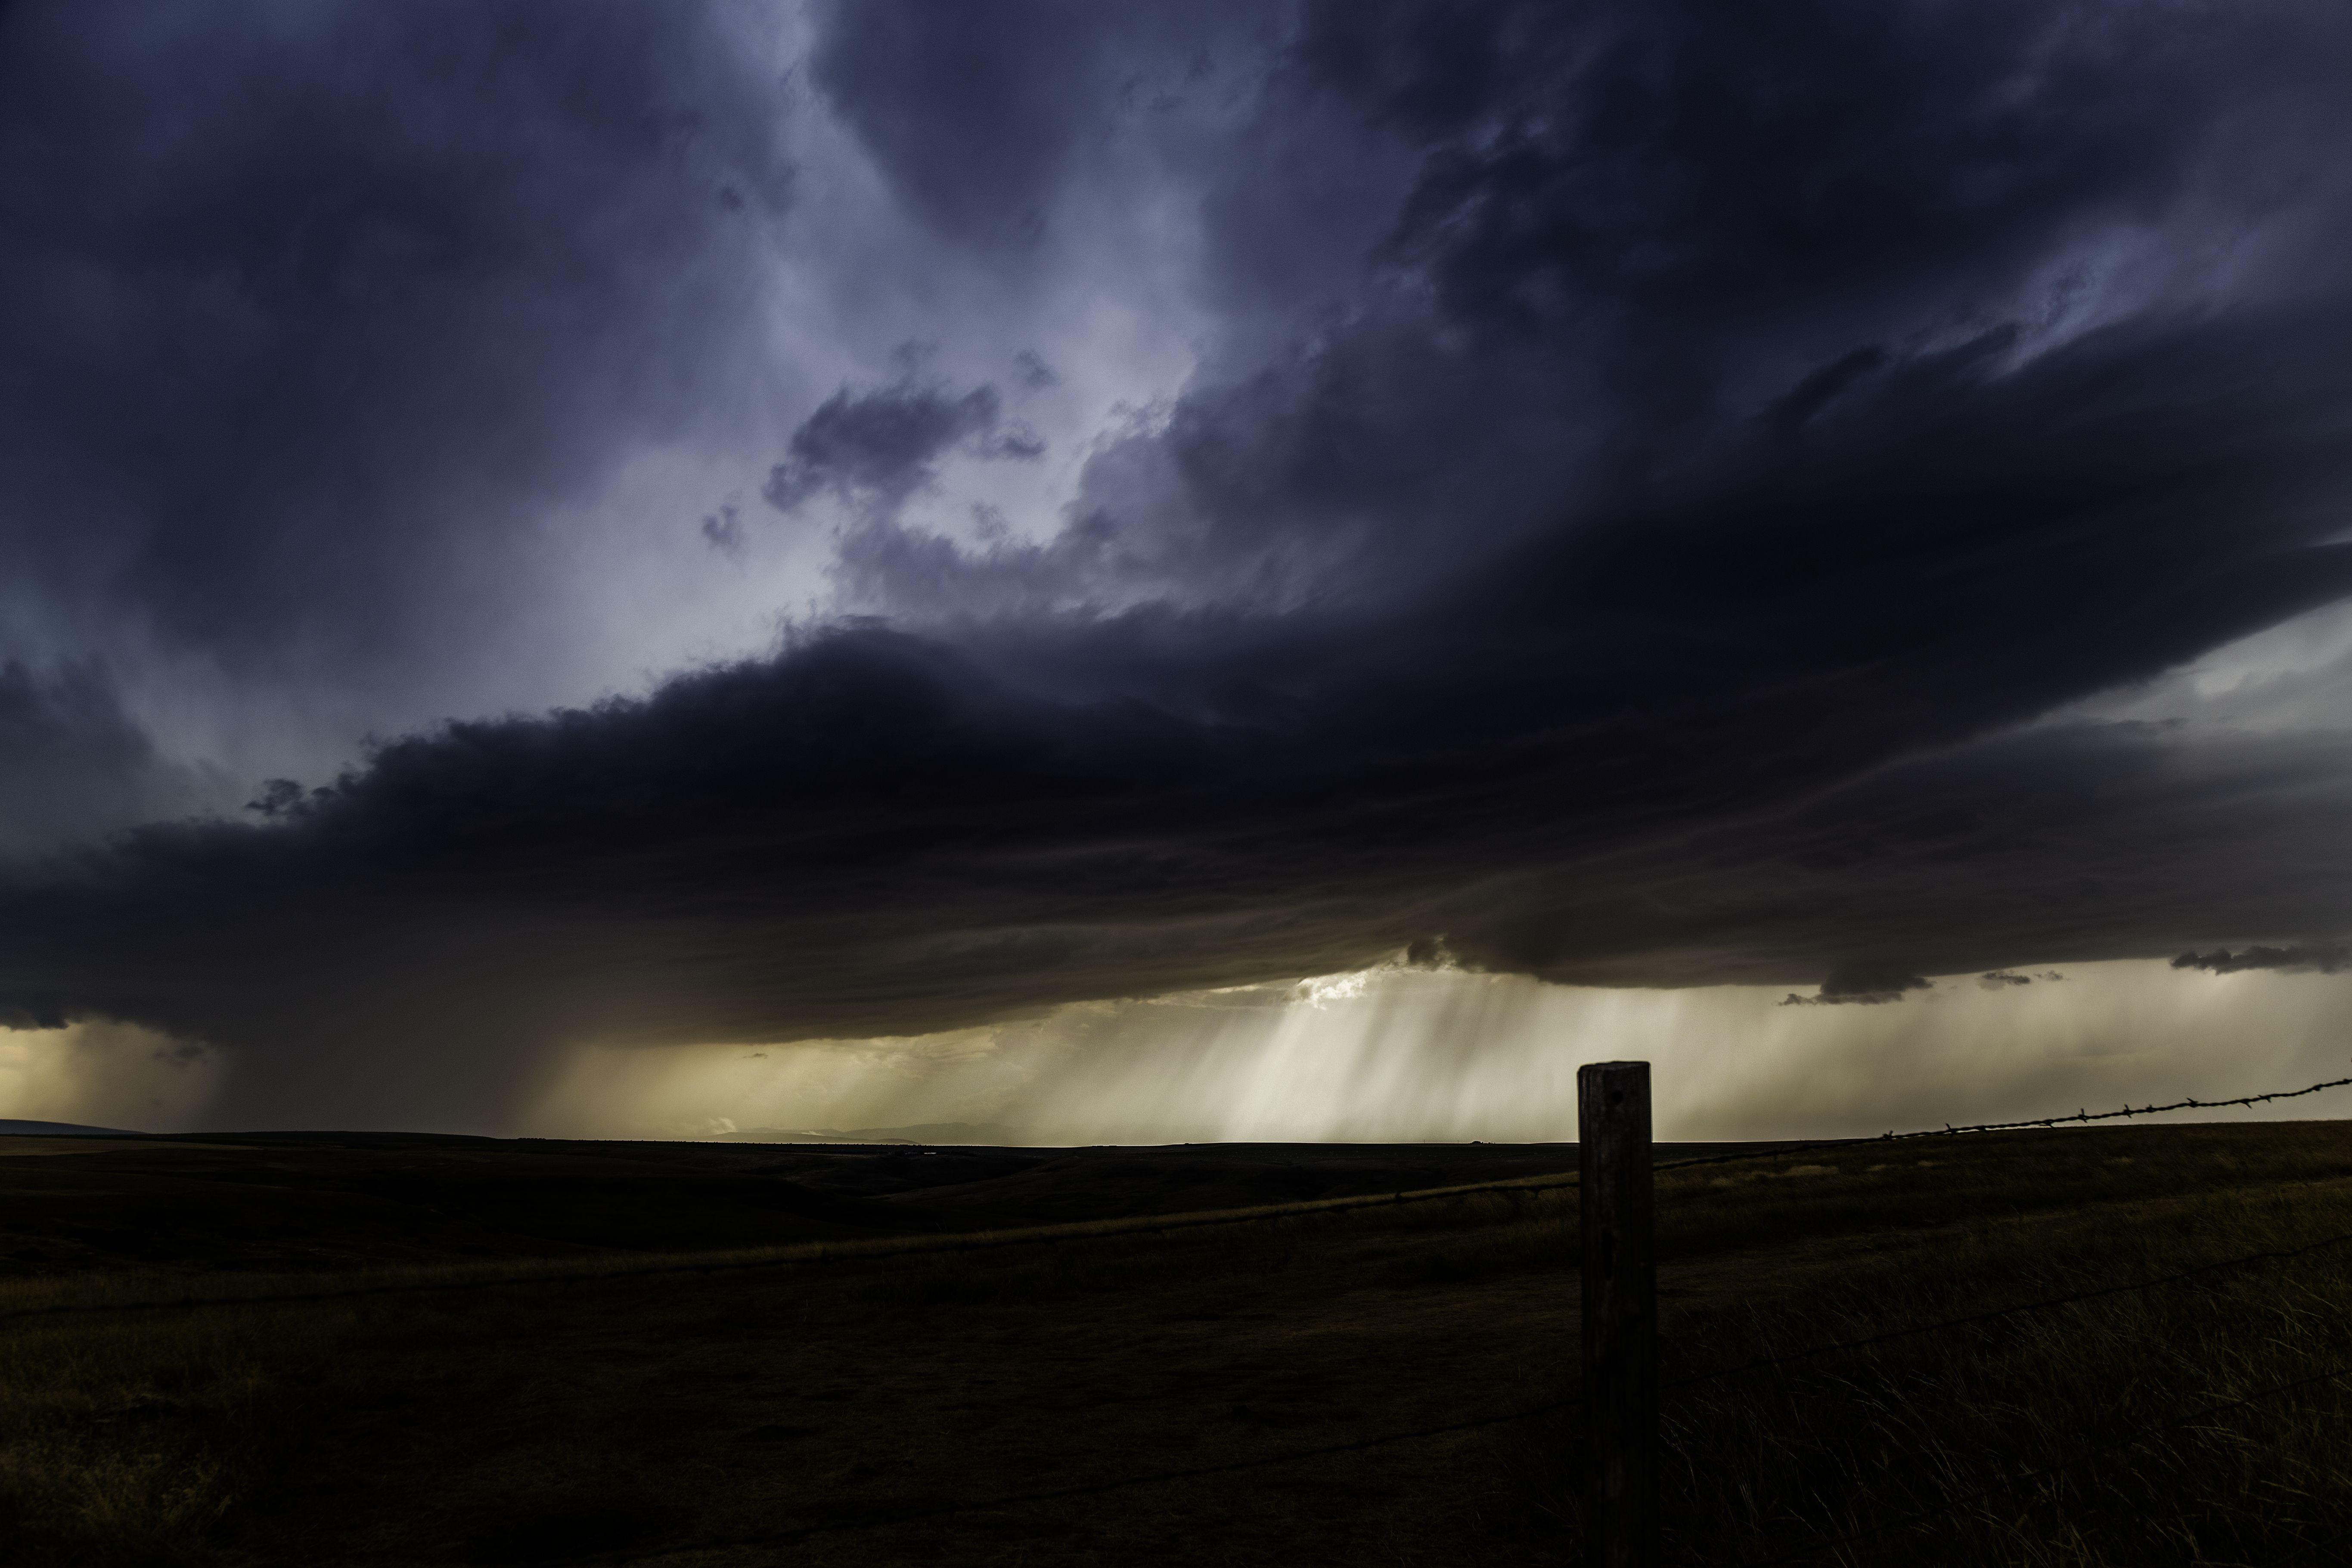 tormenta 5k retina ultra hd fondo de pantalla and fondo de